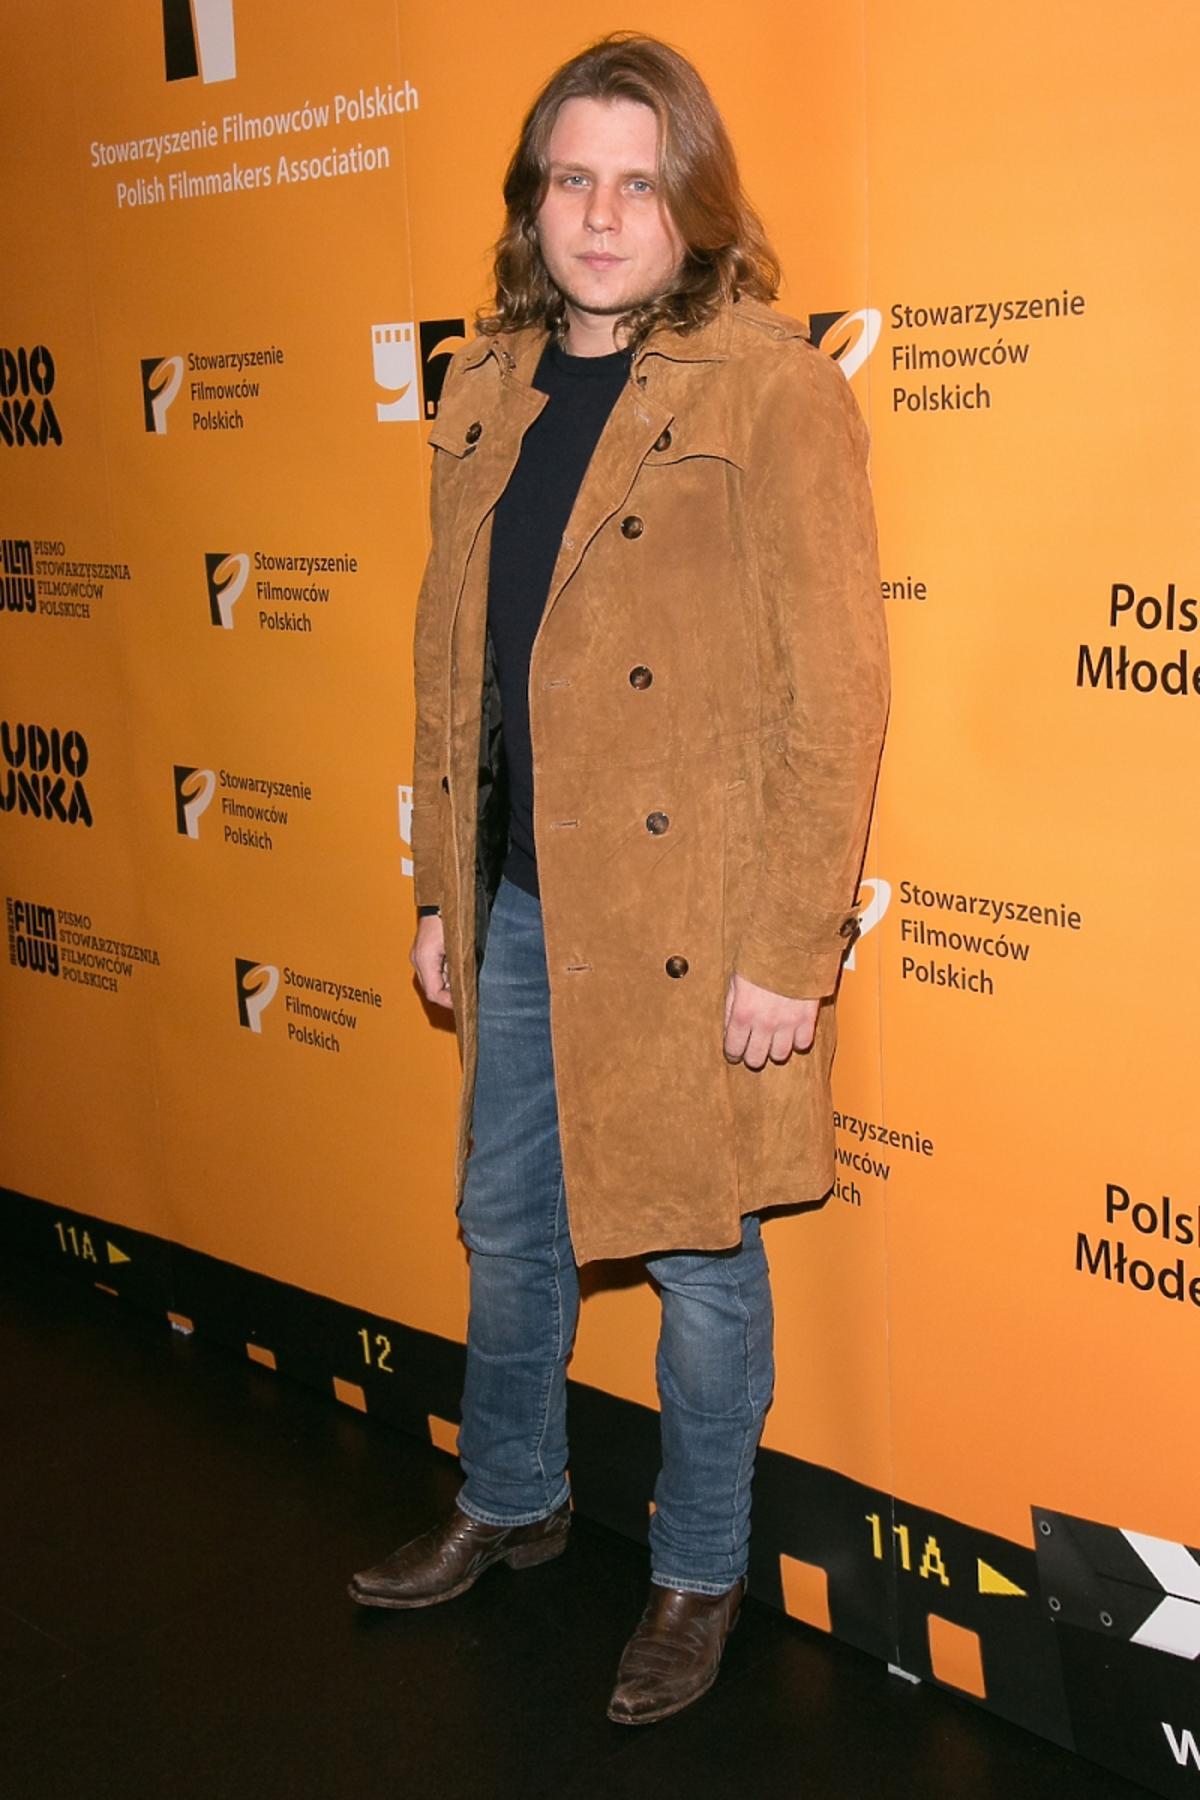 Piotr Woźniak Starak w brązowym płaszczu